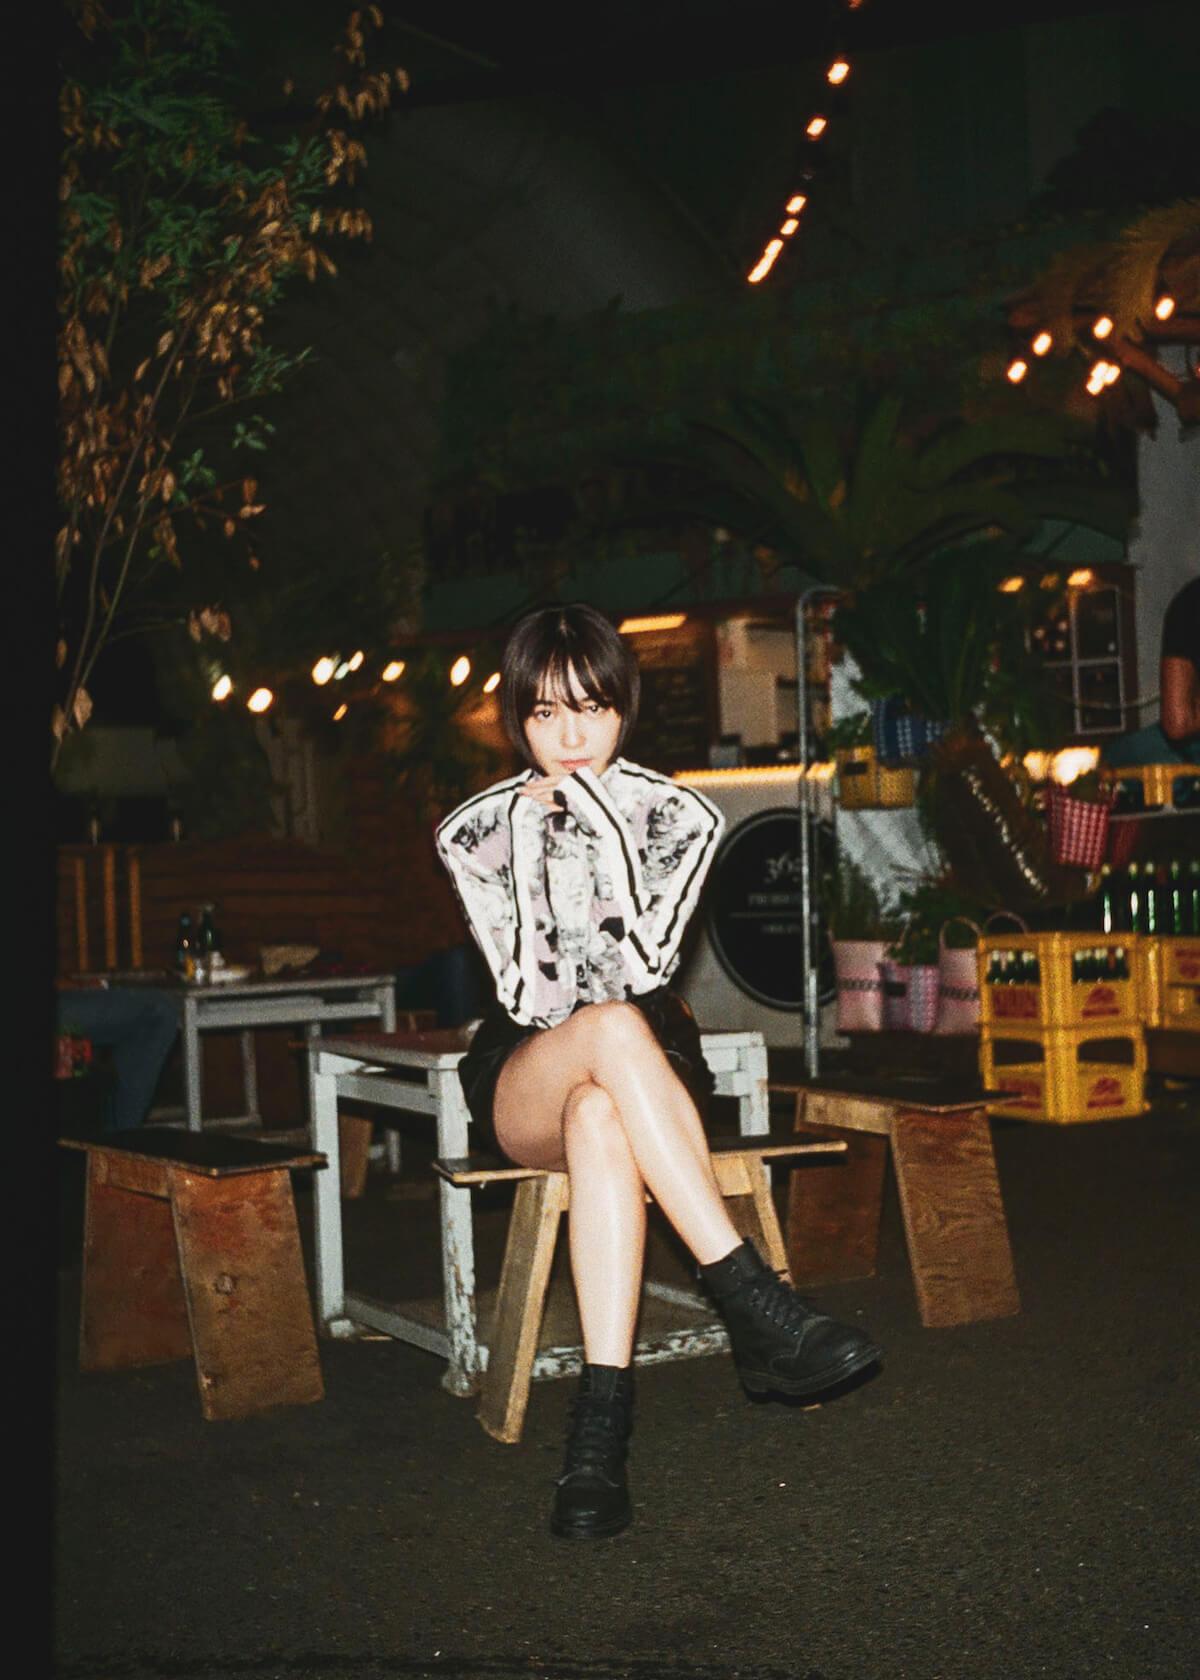 【25's view】アーティスト・Mikako|25人の25歳へインタビュー interview_190826_mikako_5